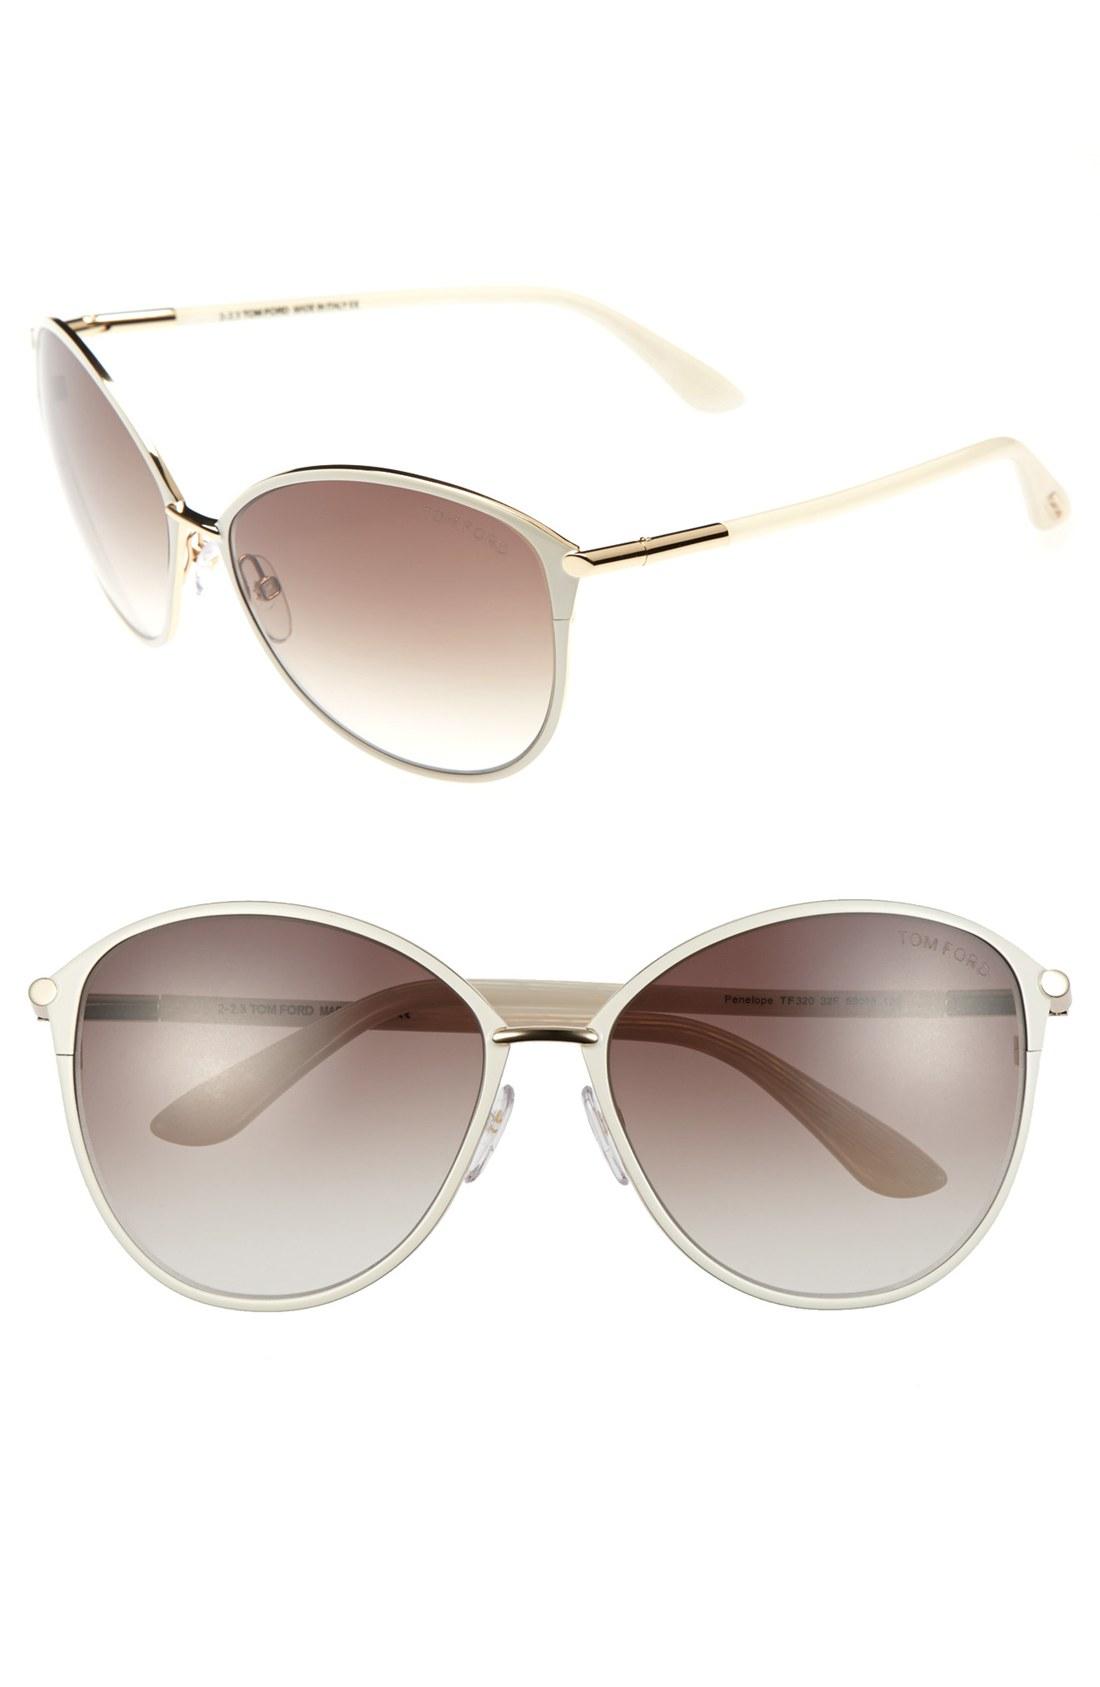 tom ford 39 penelope 39 59mm sunglasses shiny rose gold. Black Bedroom Furniture Sets. Home Design Ideas